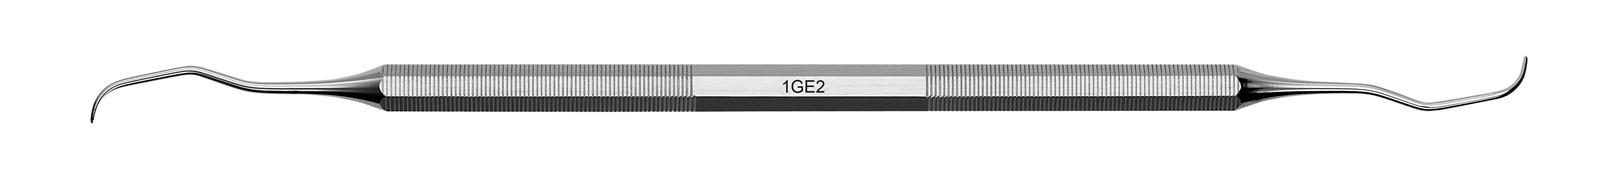 Kyreta Gracey Classic - 1GE2, ADEP silikonový návlek světle zelený